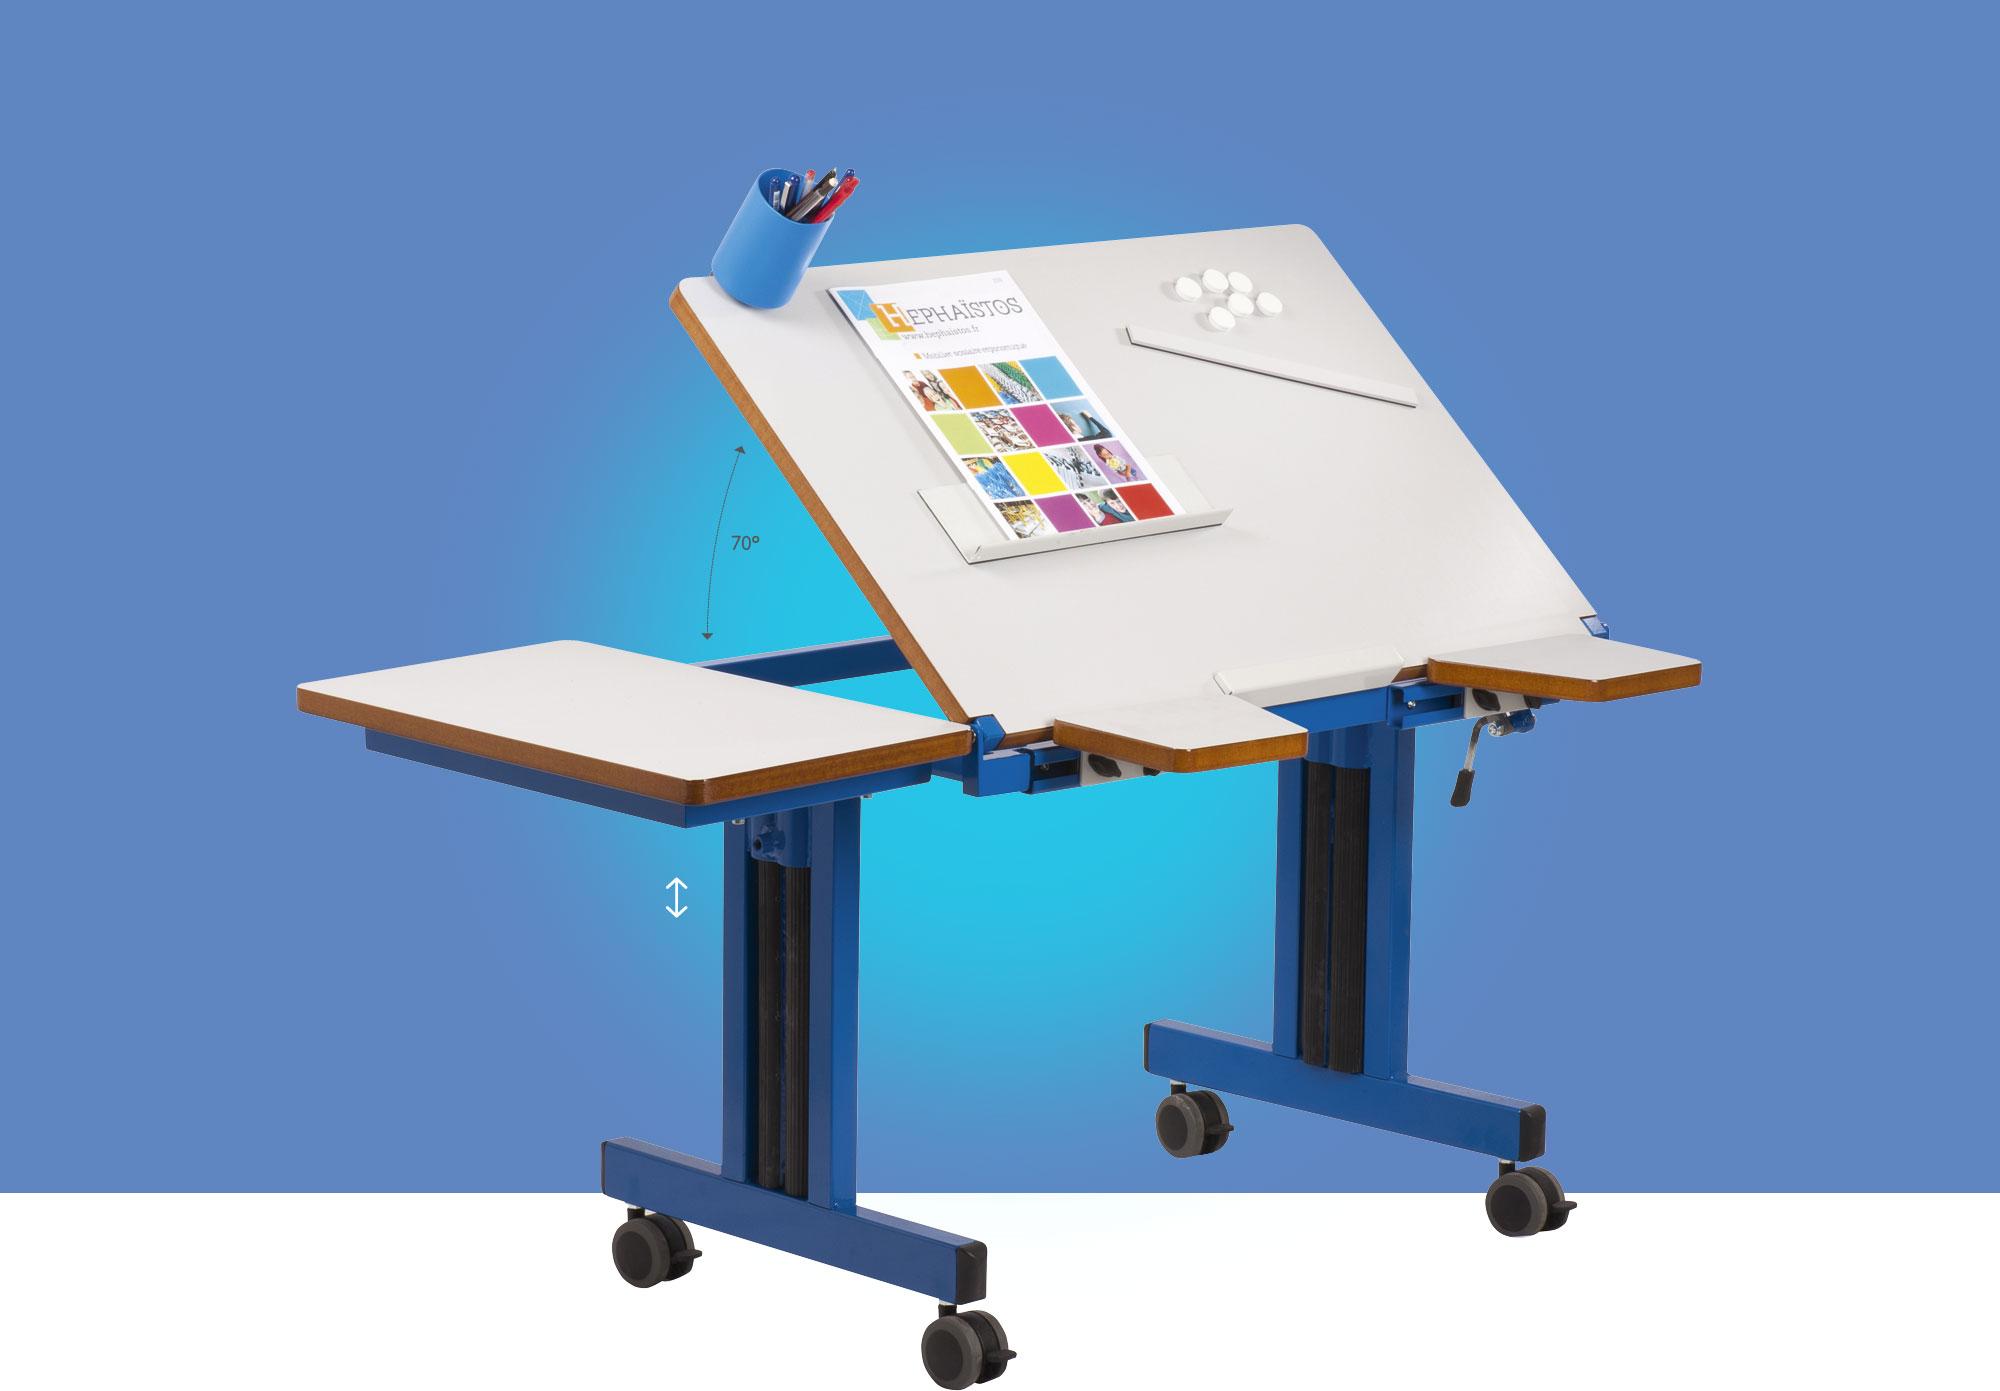 Hephaïstos mobilier scolaire ergonomique table individuelle Hestia